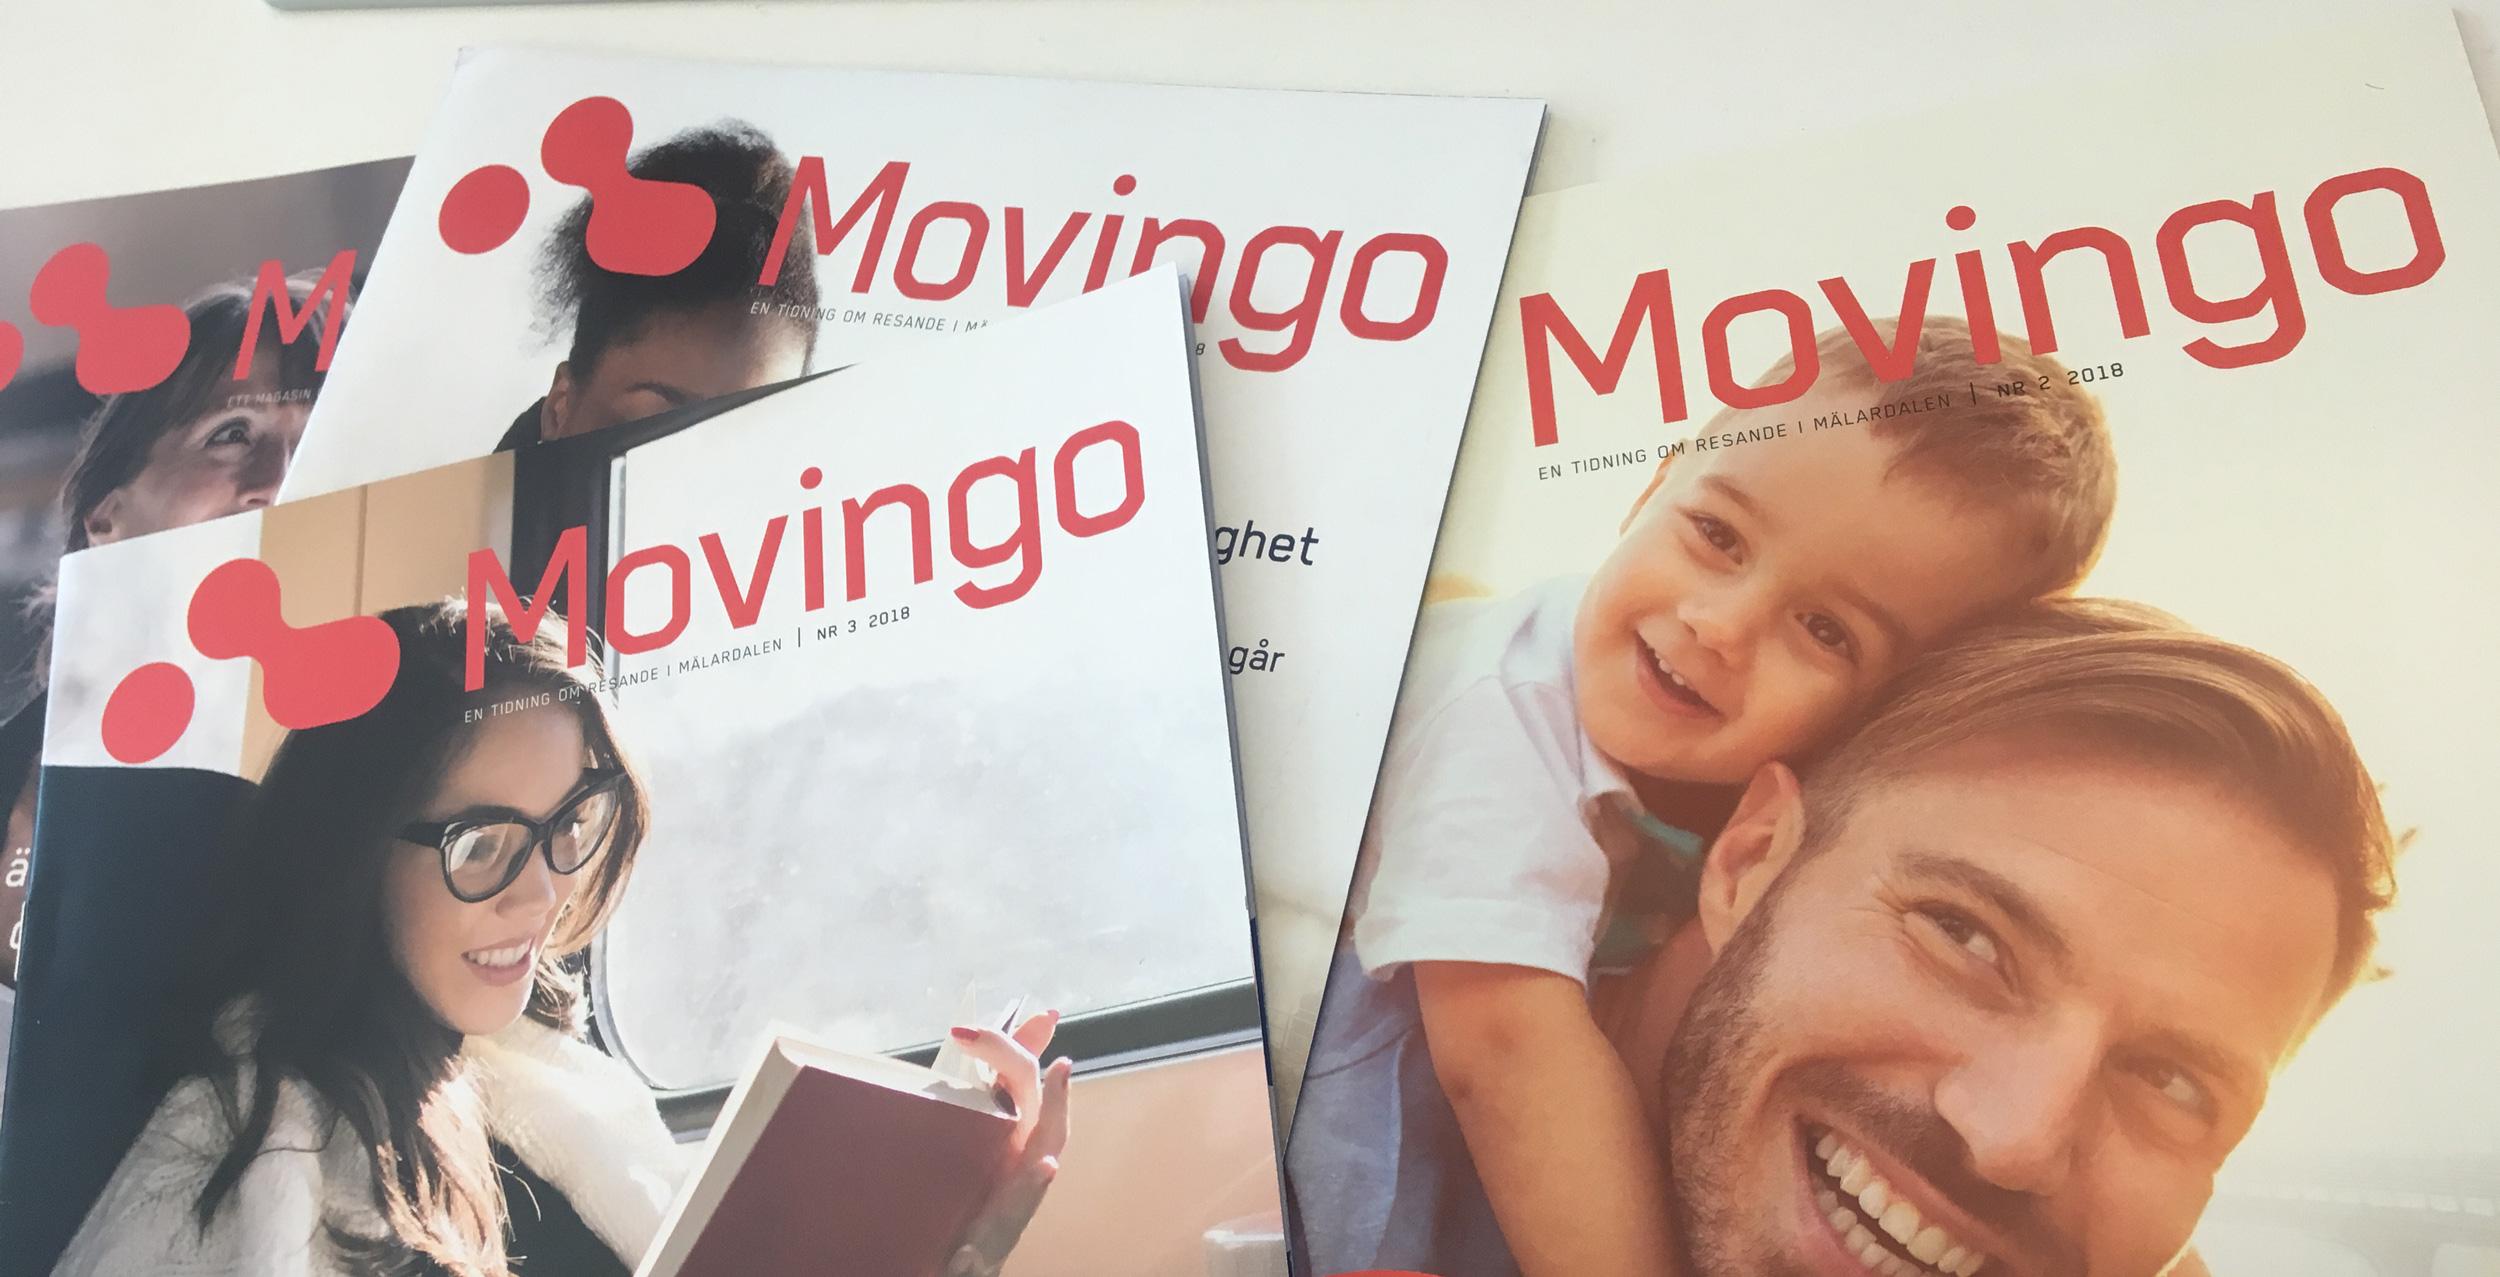 Movingo kundtidning - omslag 2018